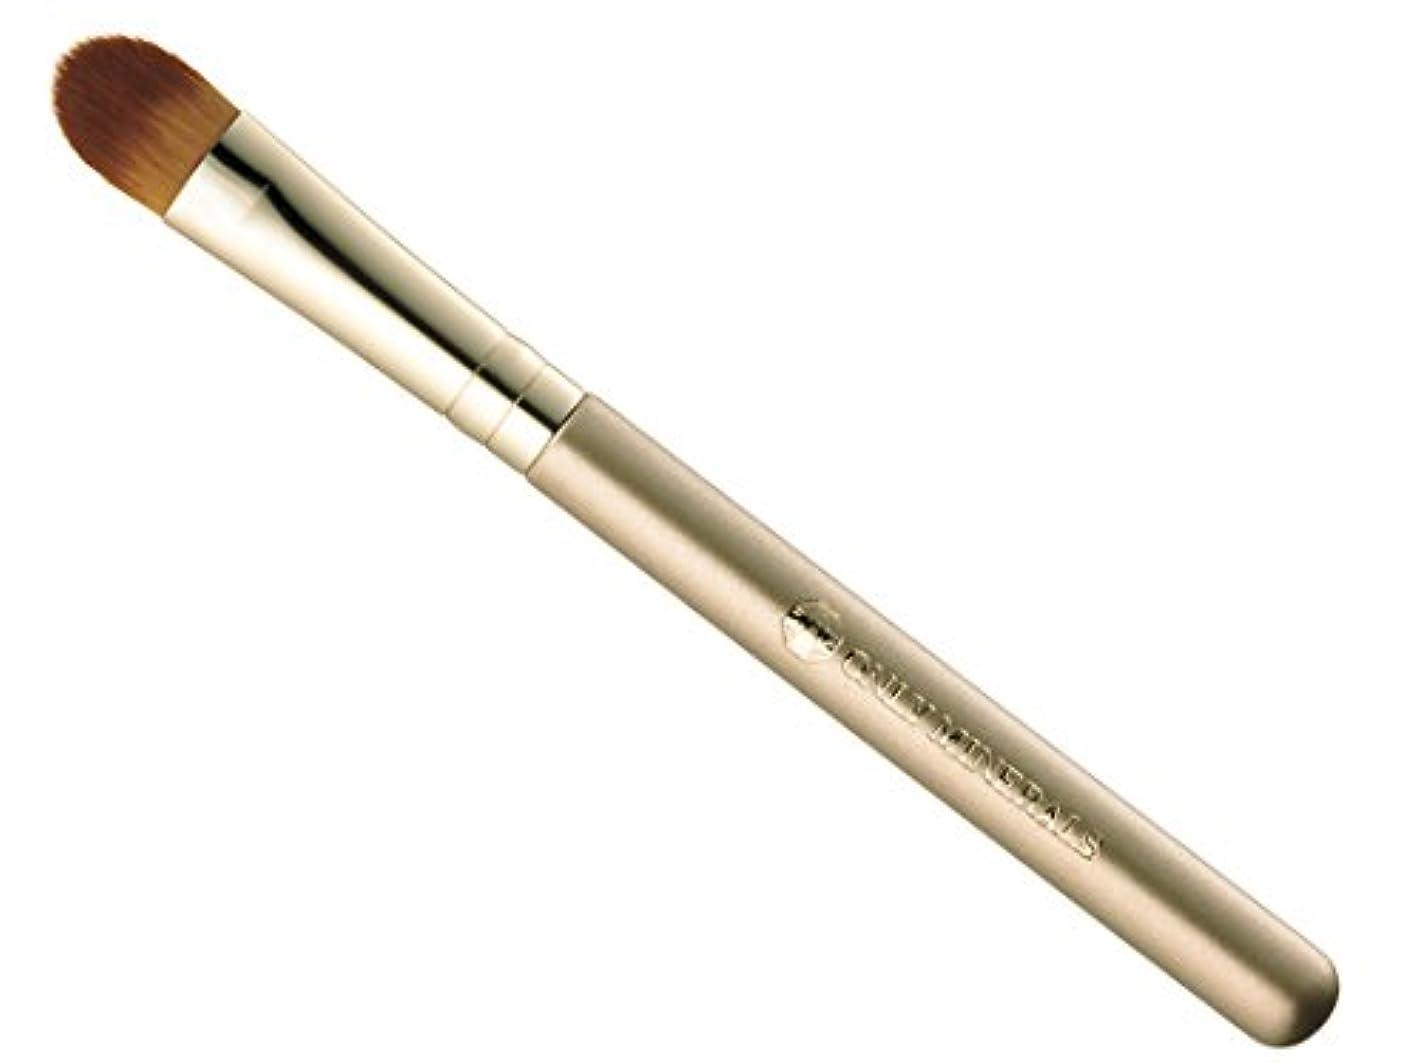 デクリメント先内向きオンリーミネラル コンシーラー&ハイライトブラシ 12.5cm